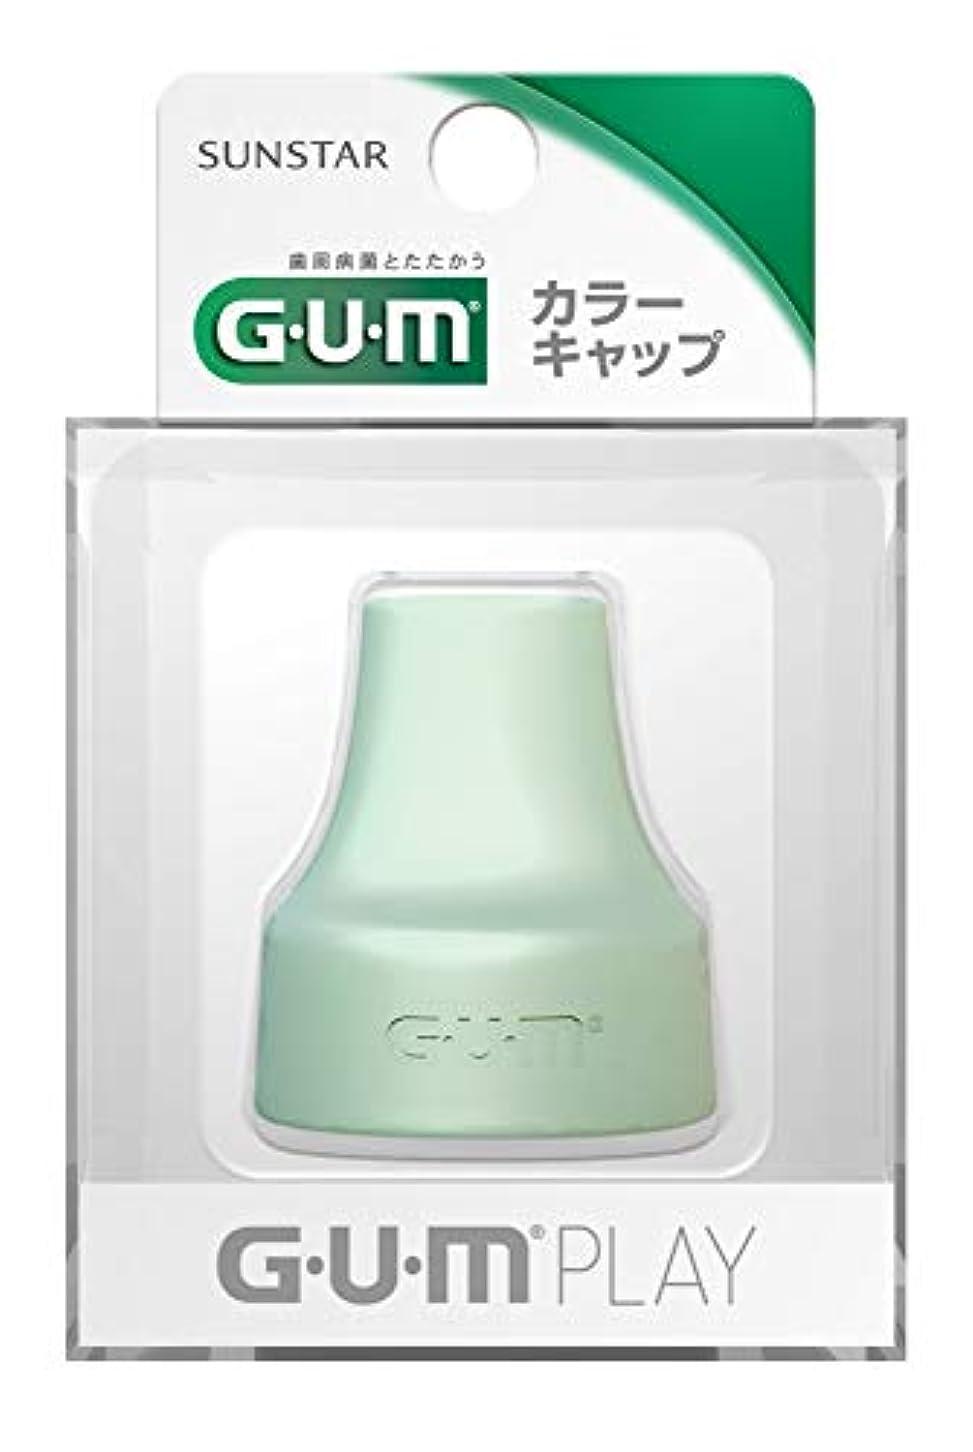 シンボル市民勝利したGUM PLAY (ガム プレイ) スマホ連動歯ブラシ 専用カラーキャップ ミントグリーン